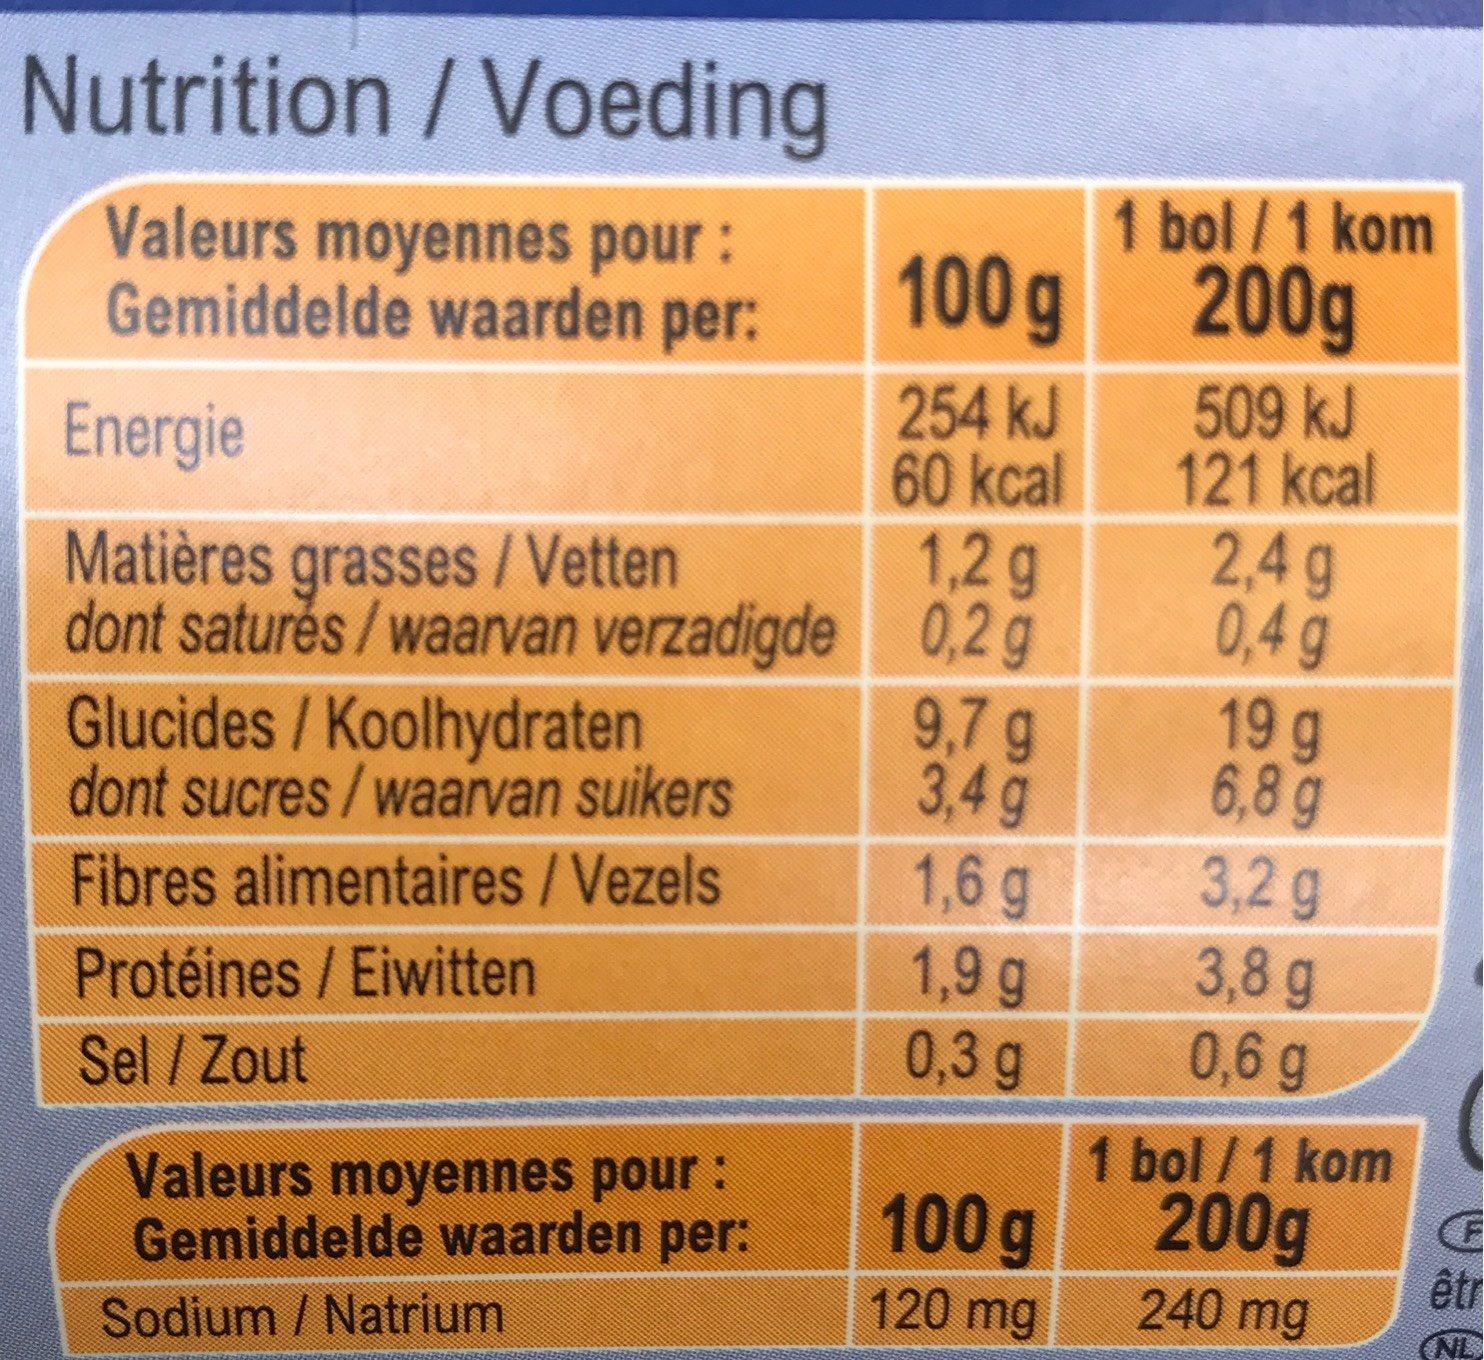 Carotte, Patate douce, Semoule à la Ciboulette avec petits morceaux - Nutrition facts - fr